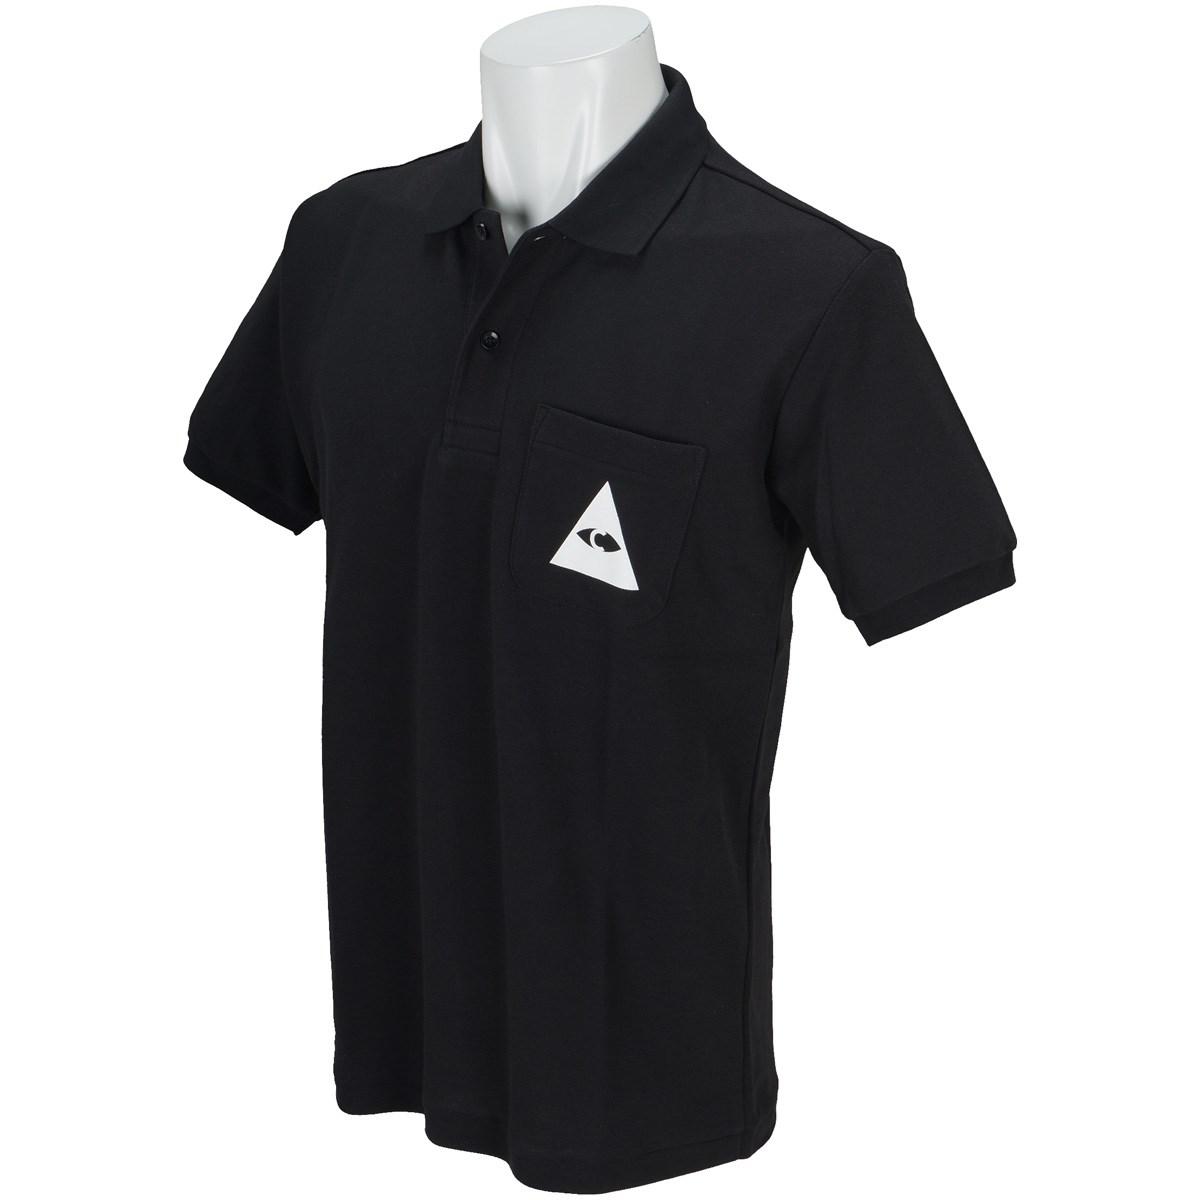 キャプテンズヘルム CAPTAINS HELM TRIANGLE 半袖ポロシャツ M ブラック